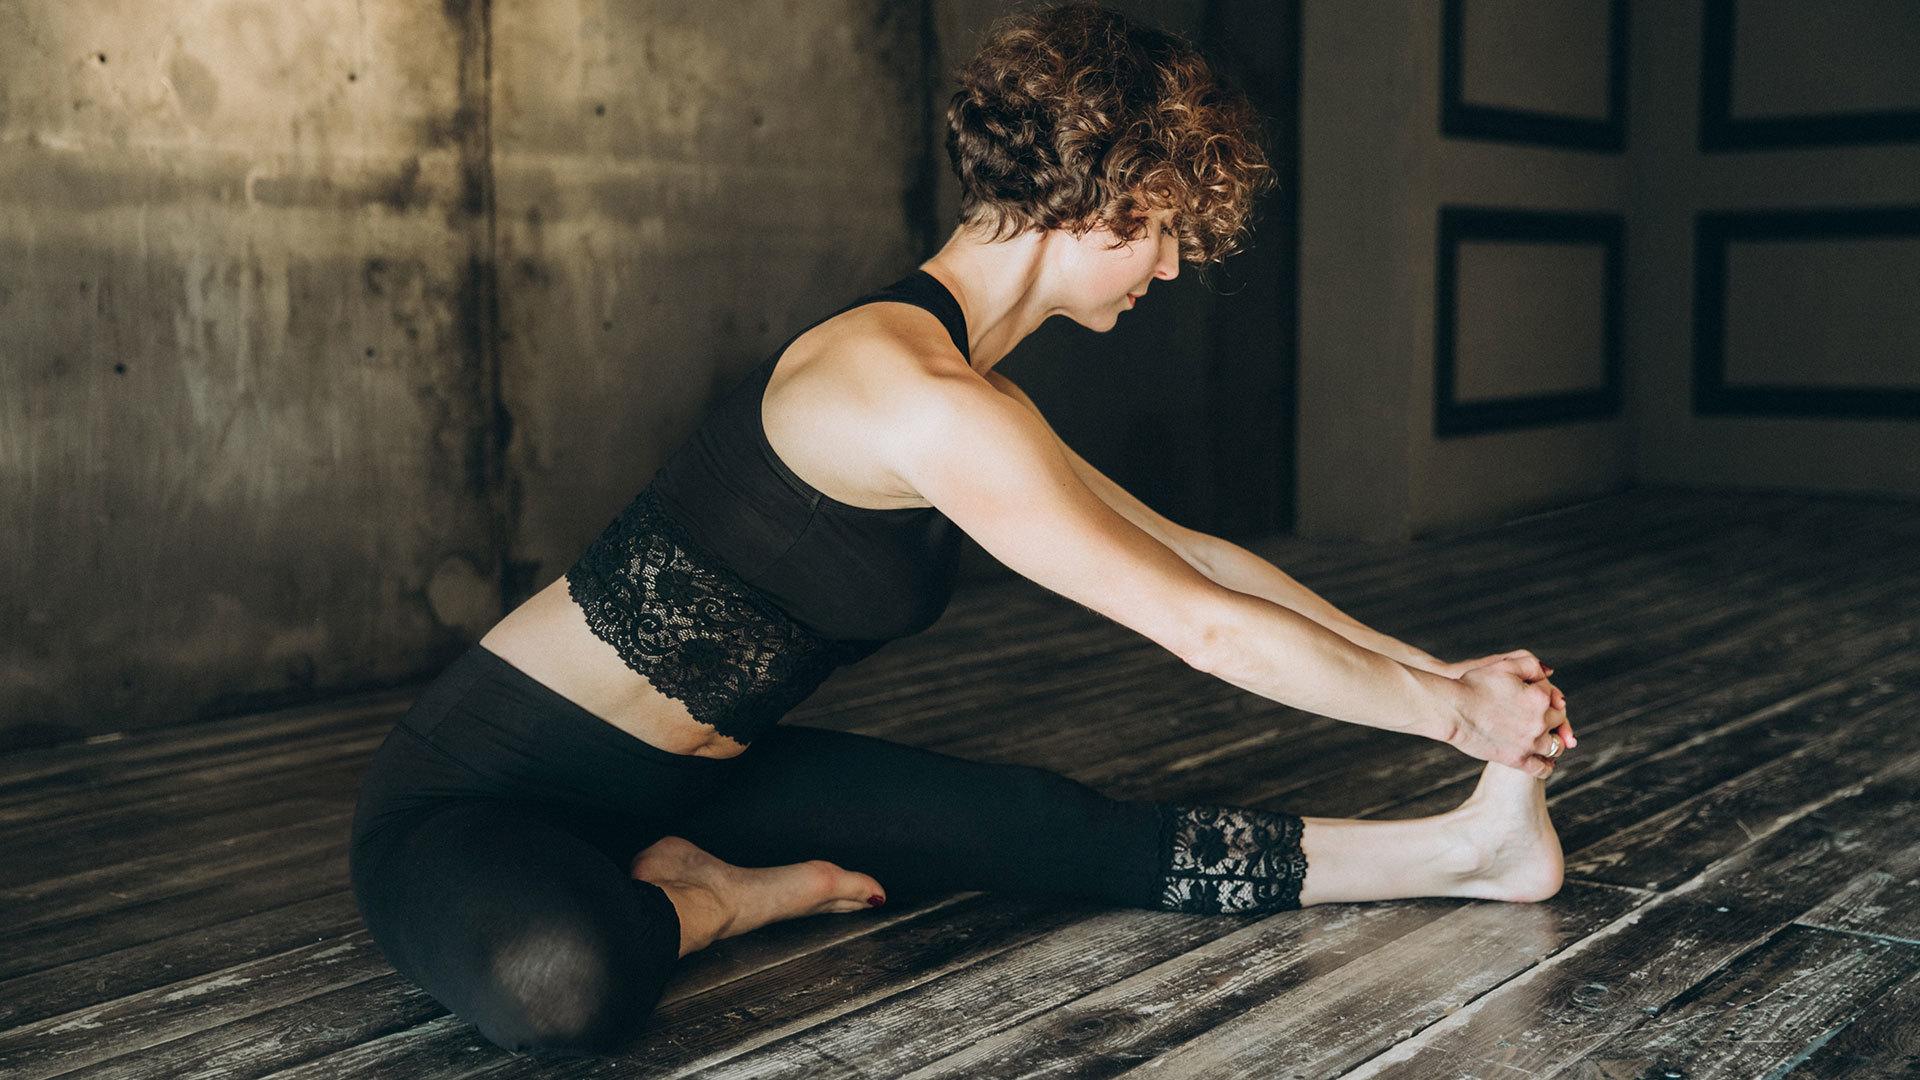 Комплексы по йоге для женщин и восстановление после родов ...